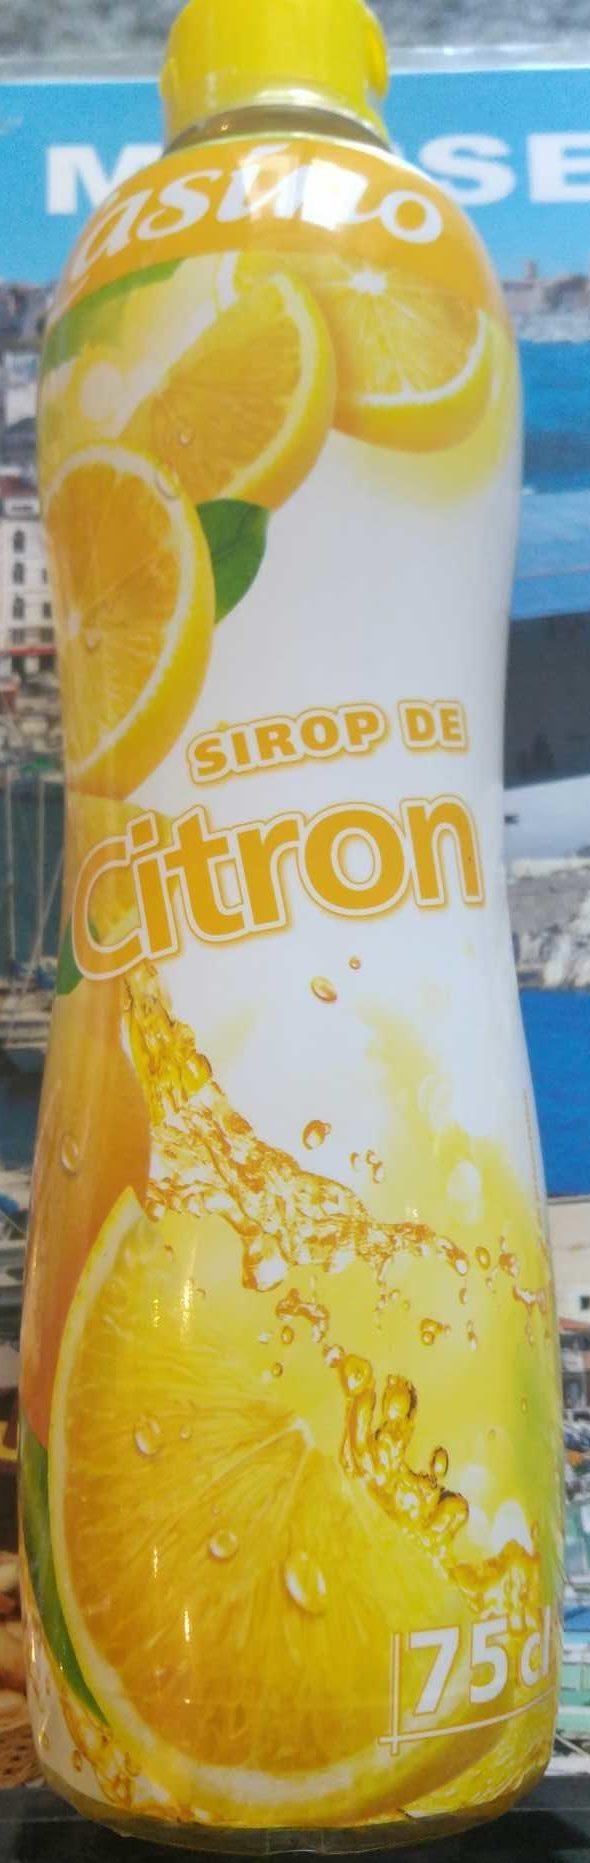 Sirop de Citron - Produit - fr